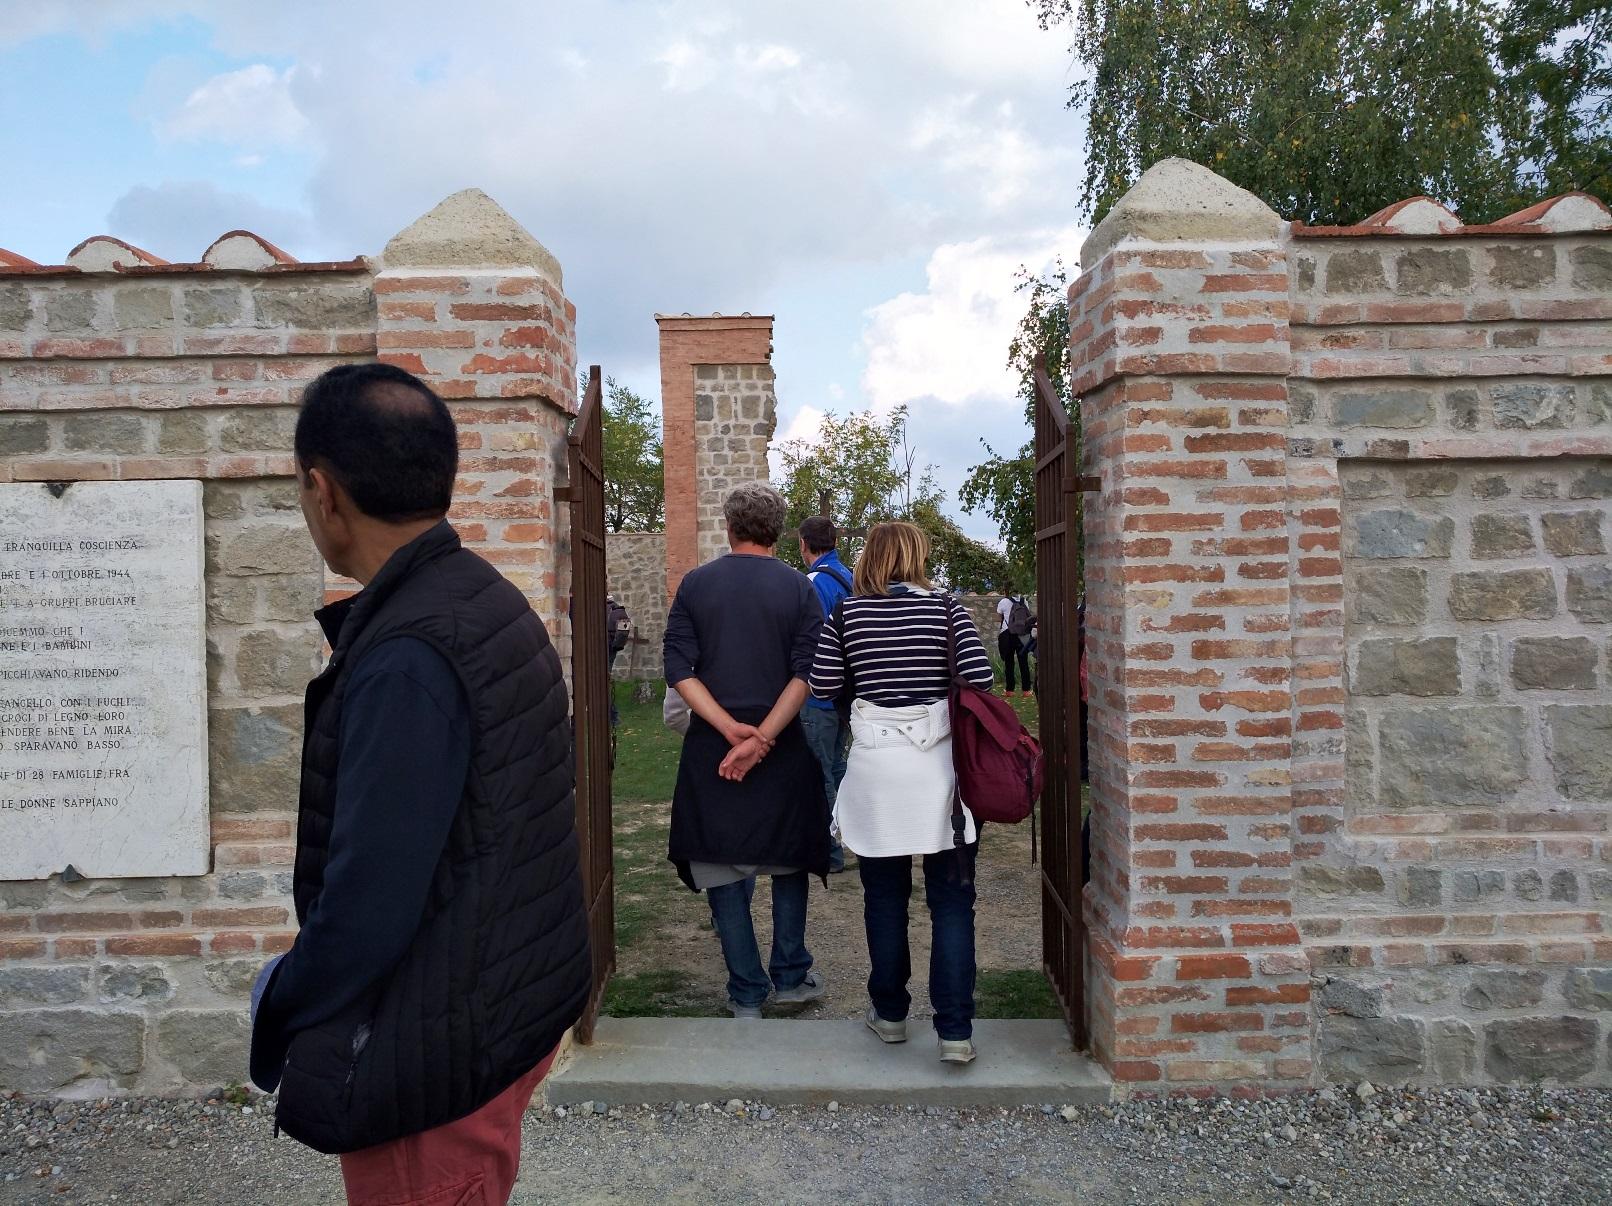 Il cimitero di Casaglia oggi - strage di Marzabotto